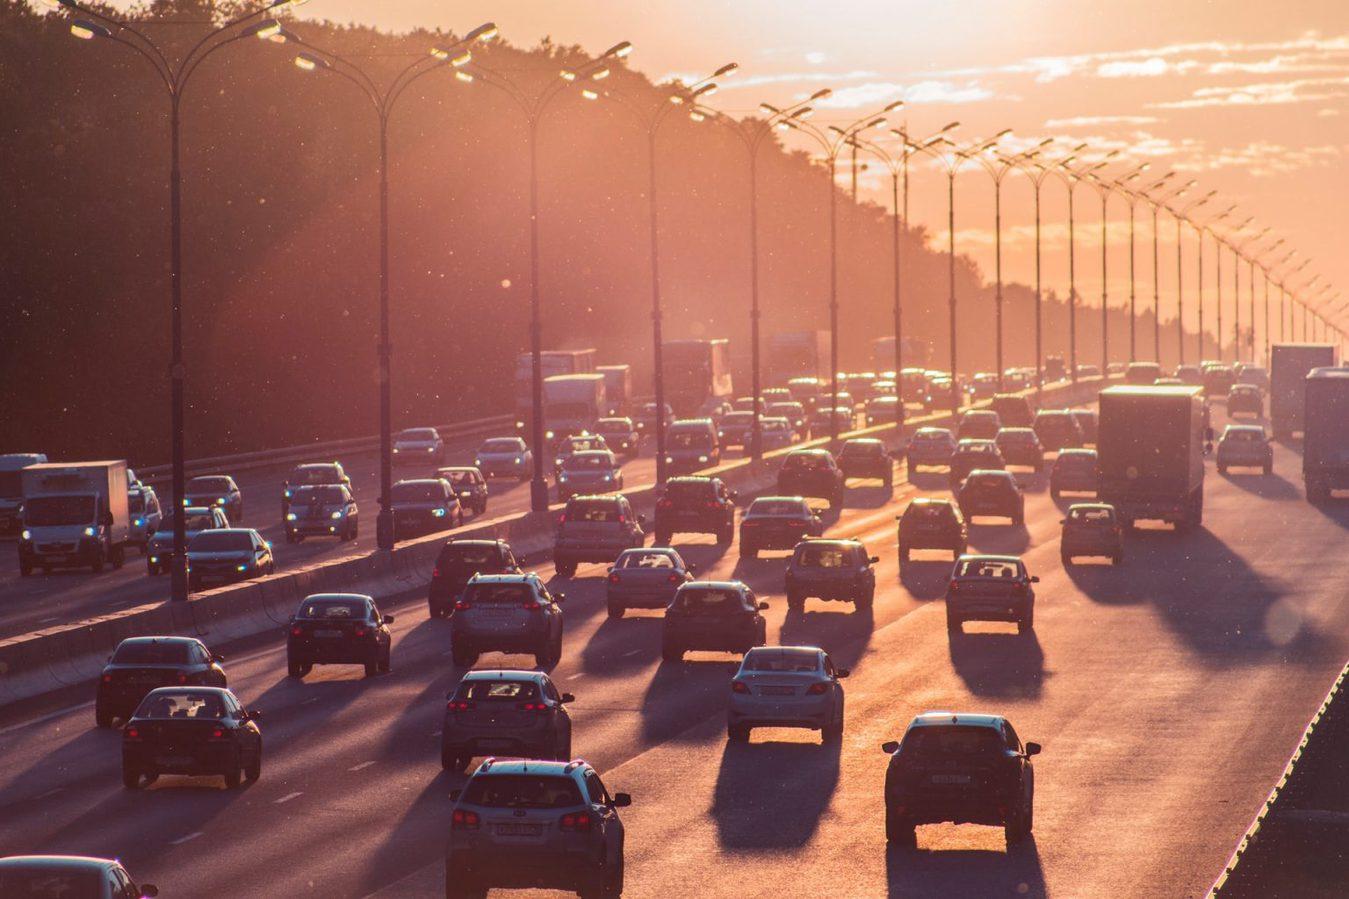 Carros em uma estrada durante o por-do-sol